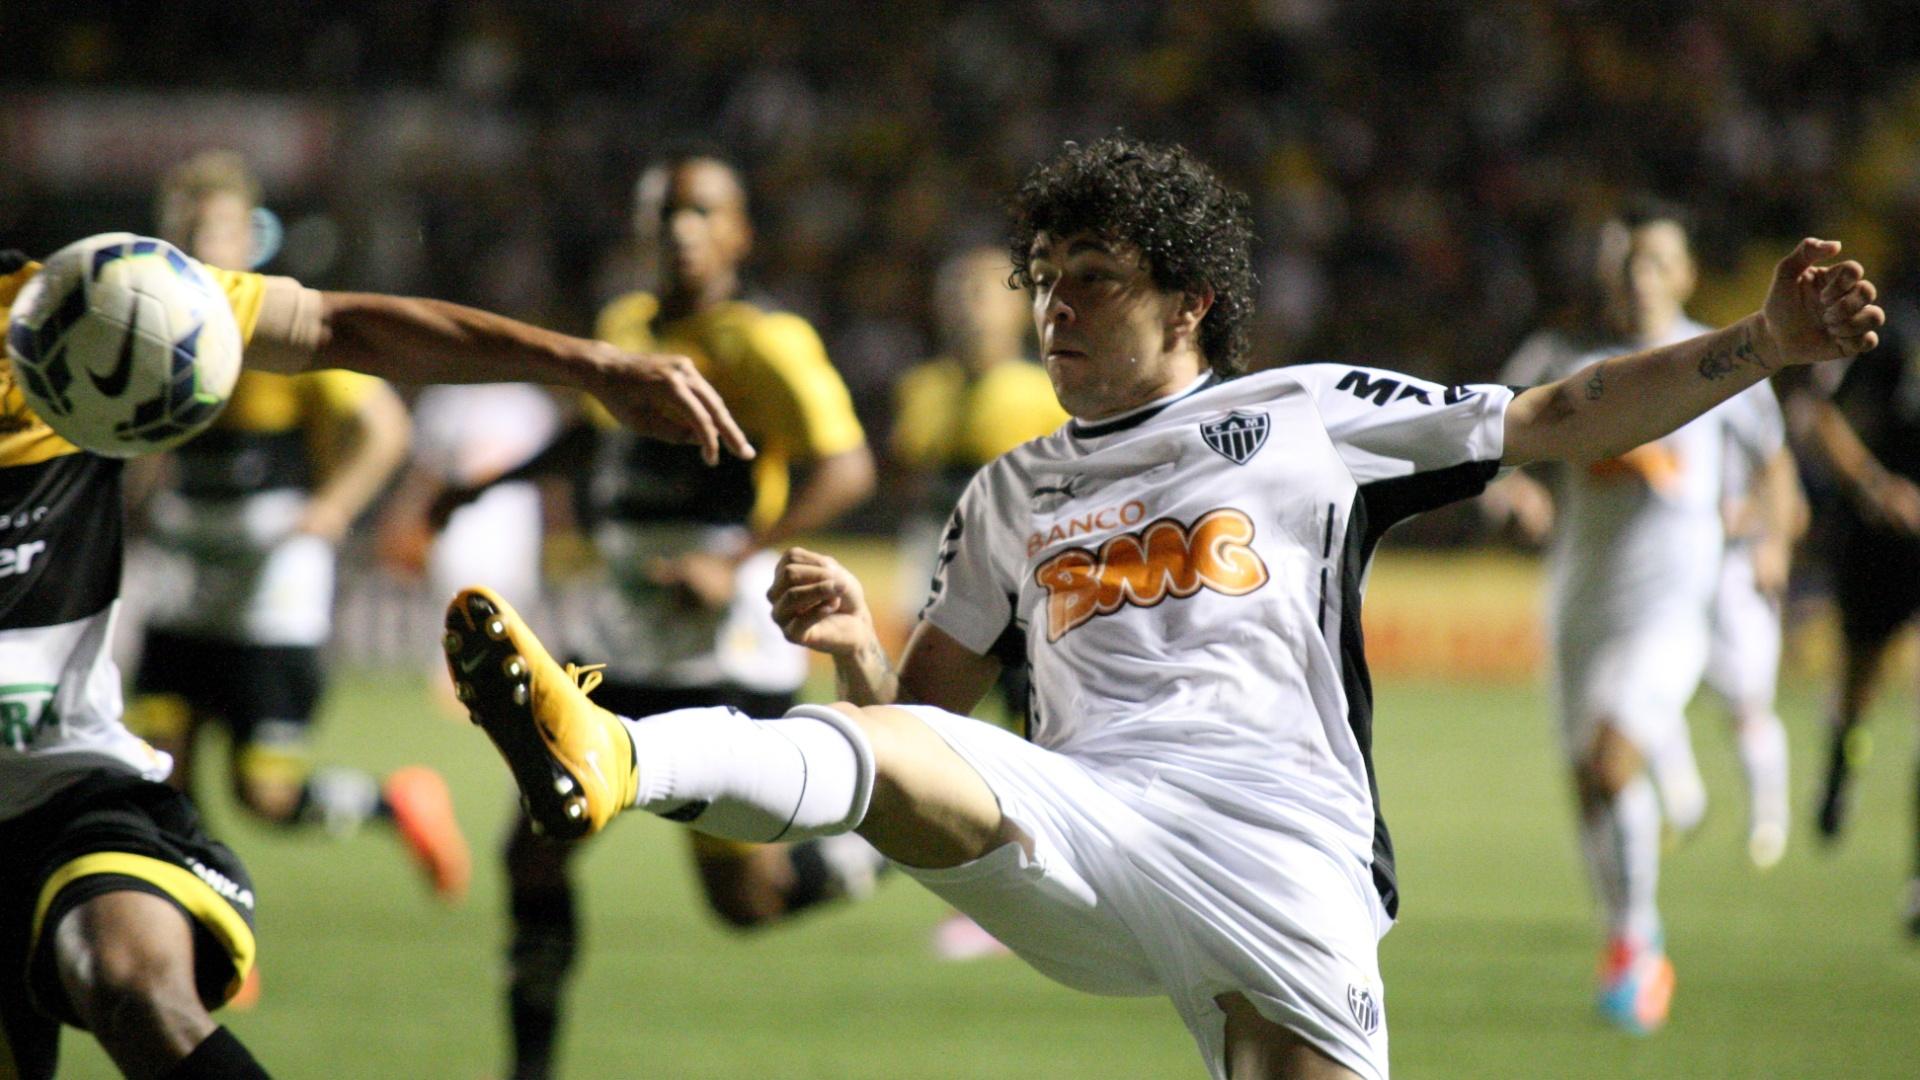 Atacante Luan, do Atlético-MG, tenta alcançar bola contra o Criciúma